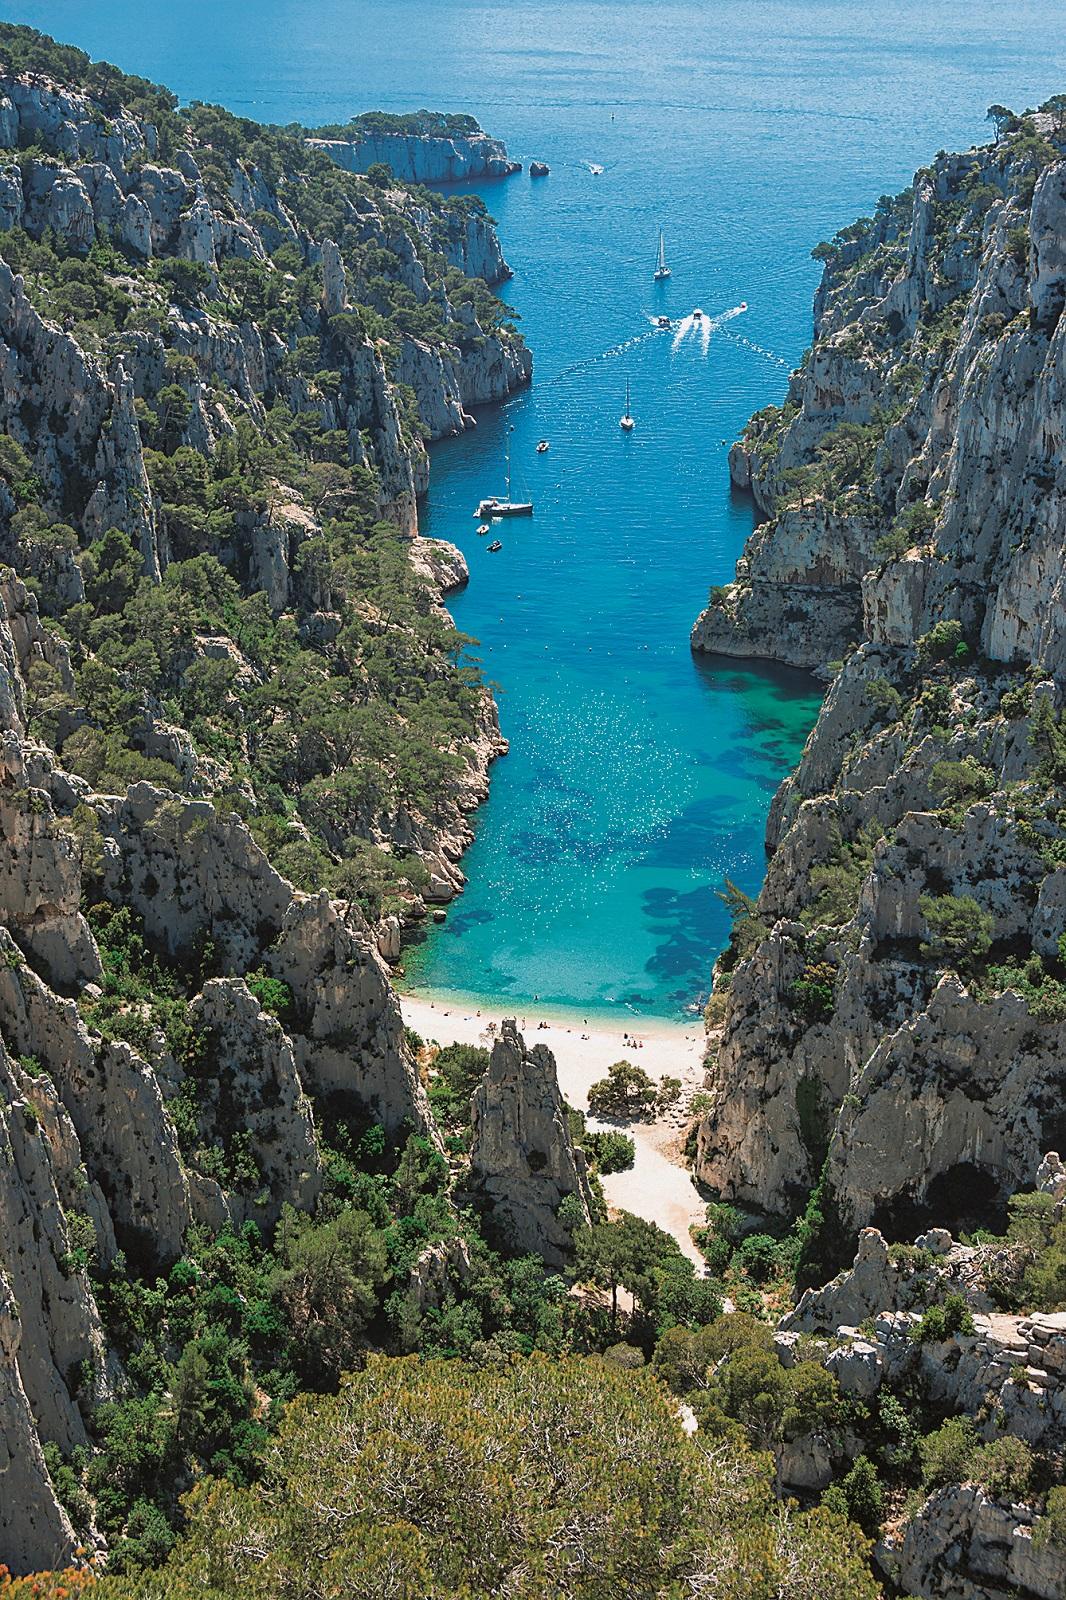 France, Cote d'Azur, Cassis, Calanque d'en Vau, Calanques landscape